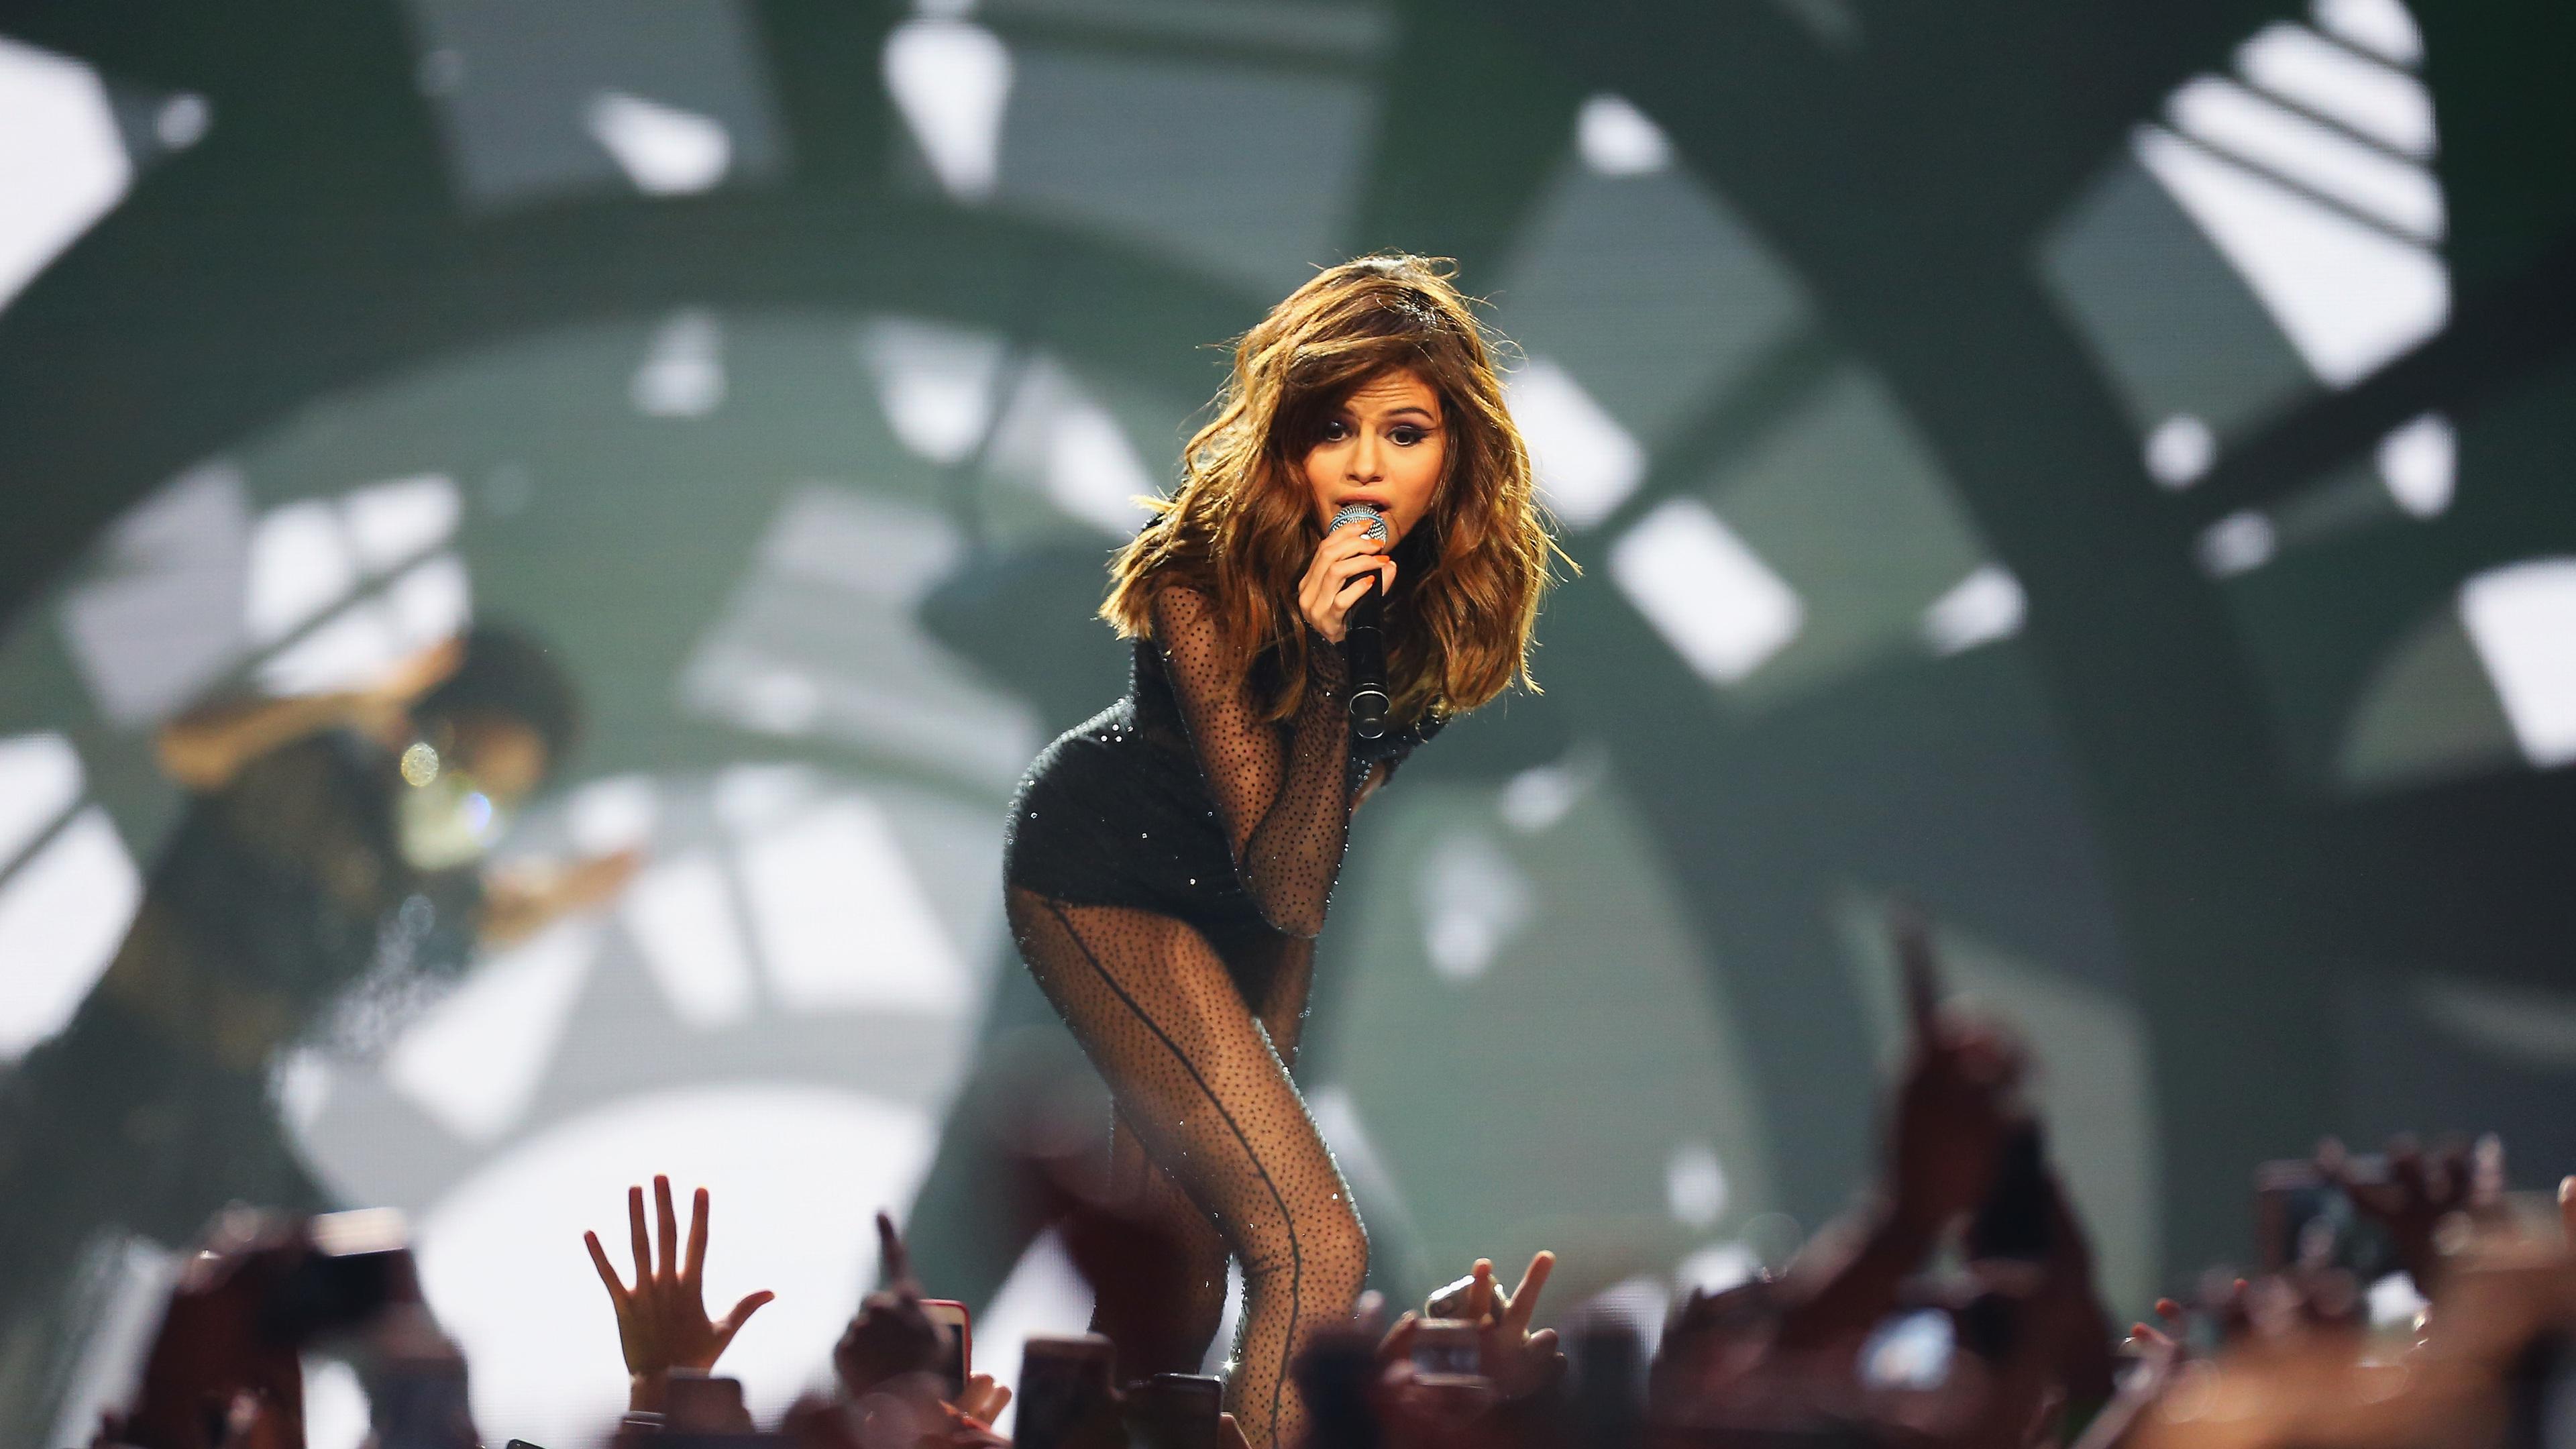 selena gomez live on stage 5k 1536944512 - Selena Gomez Live On Stage 5k - selena gomez wallpapers, music wallpapers, hd-wallpapers, girls wallpapers, celebrities wallpapers, 5k wallpapers, 4k-wallpapers